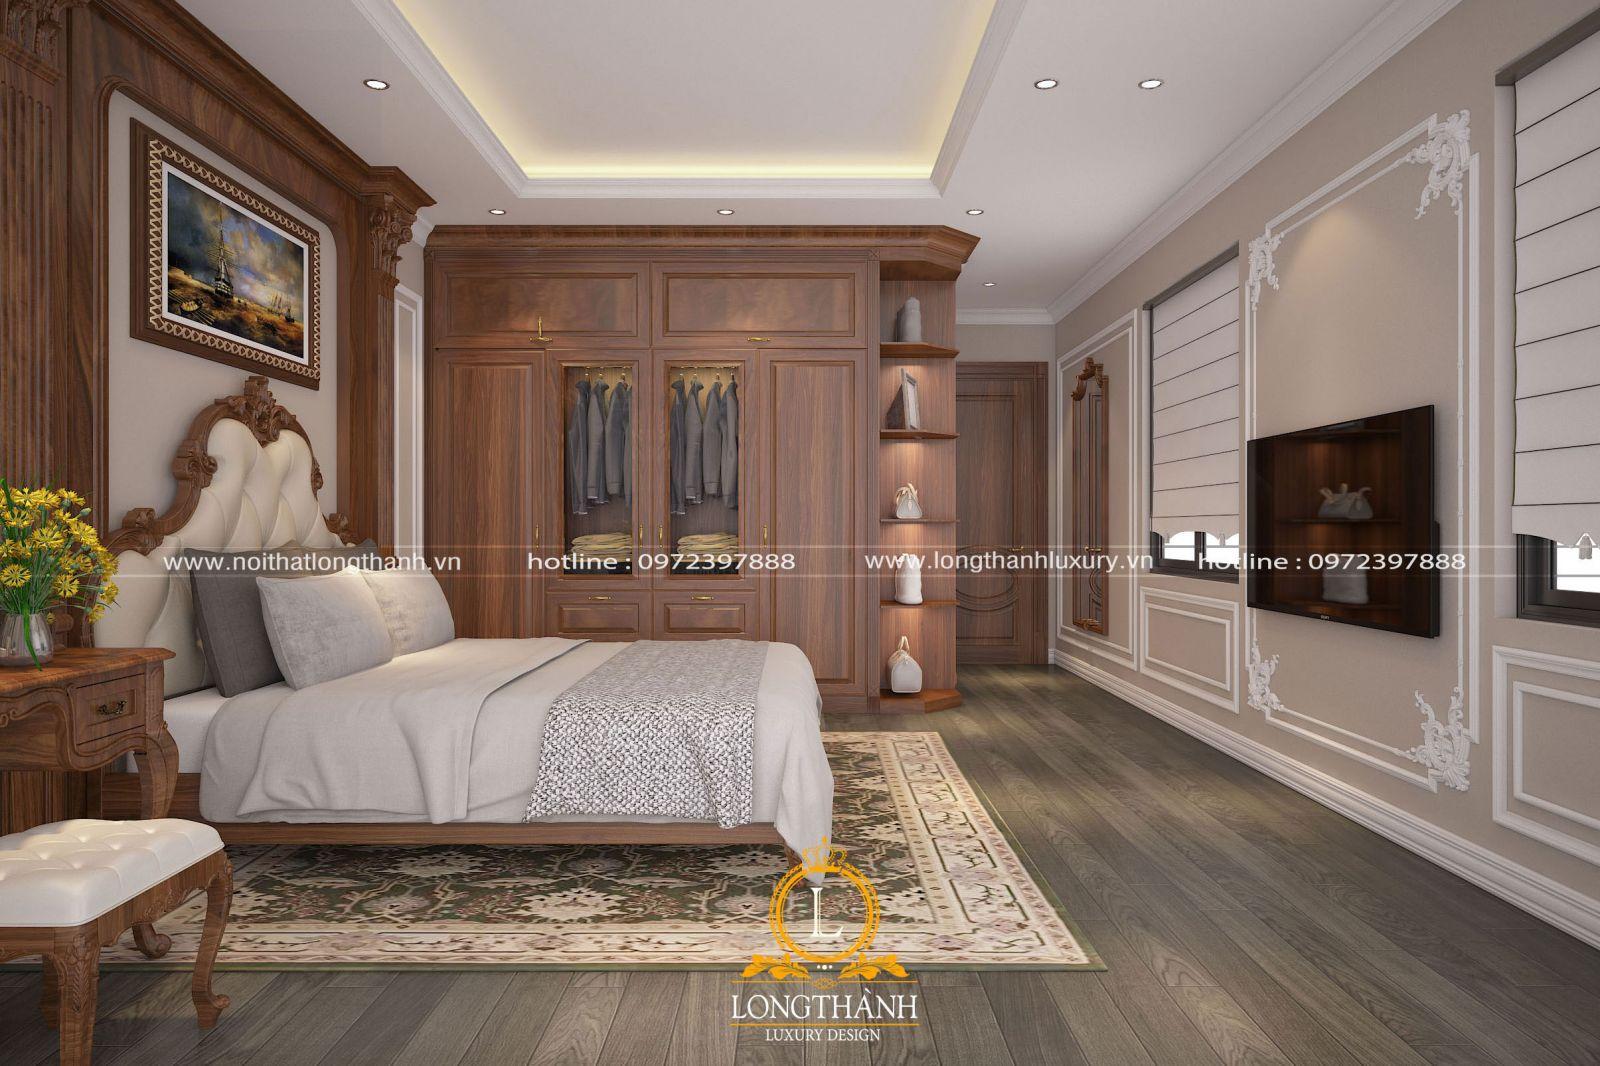 Không gian phòng ngủ tân cổ điển đẹp nhẹ nhàng tinh tế